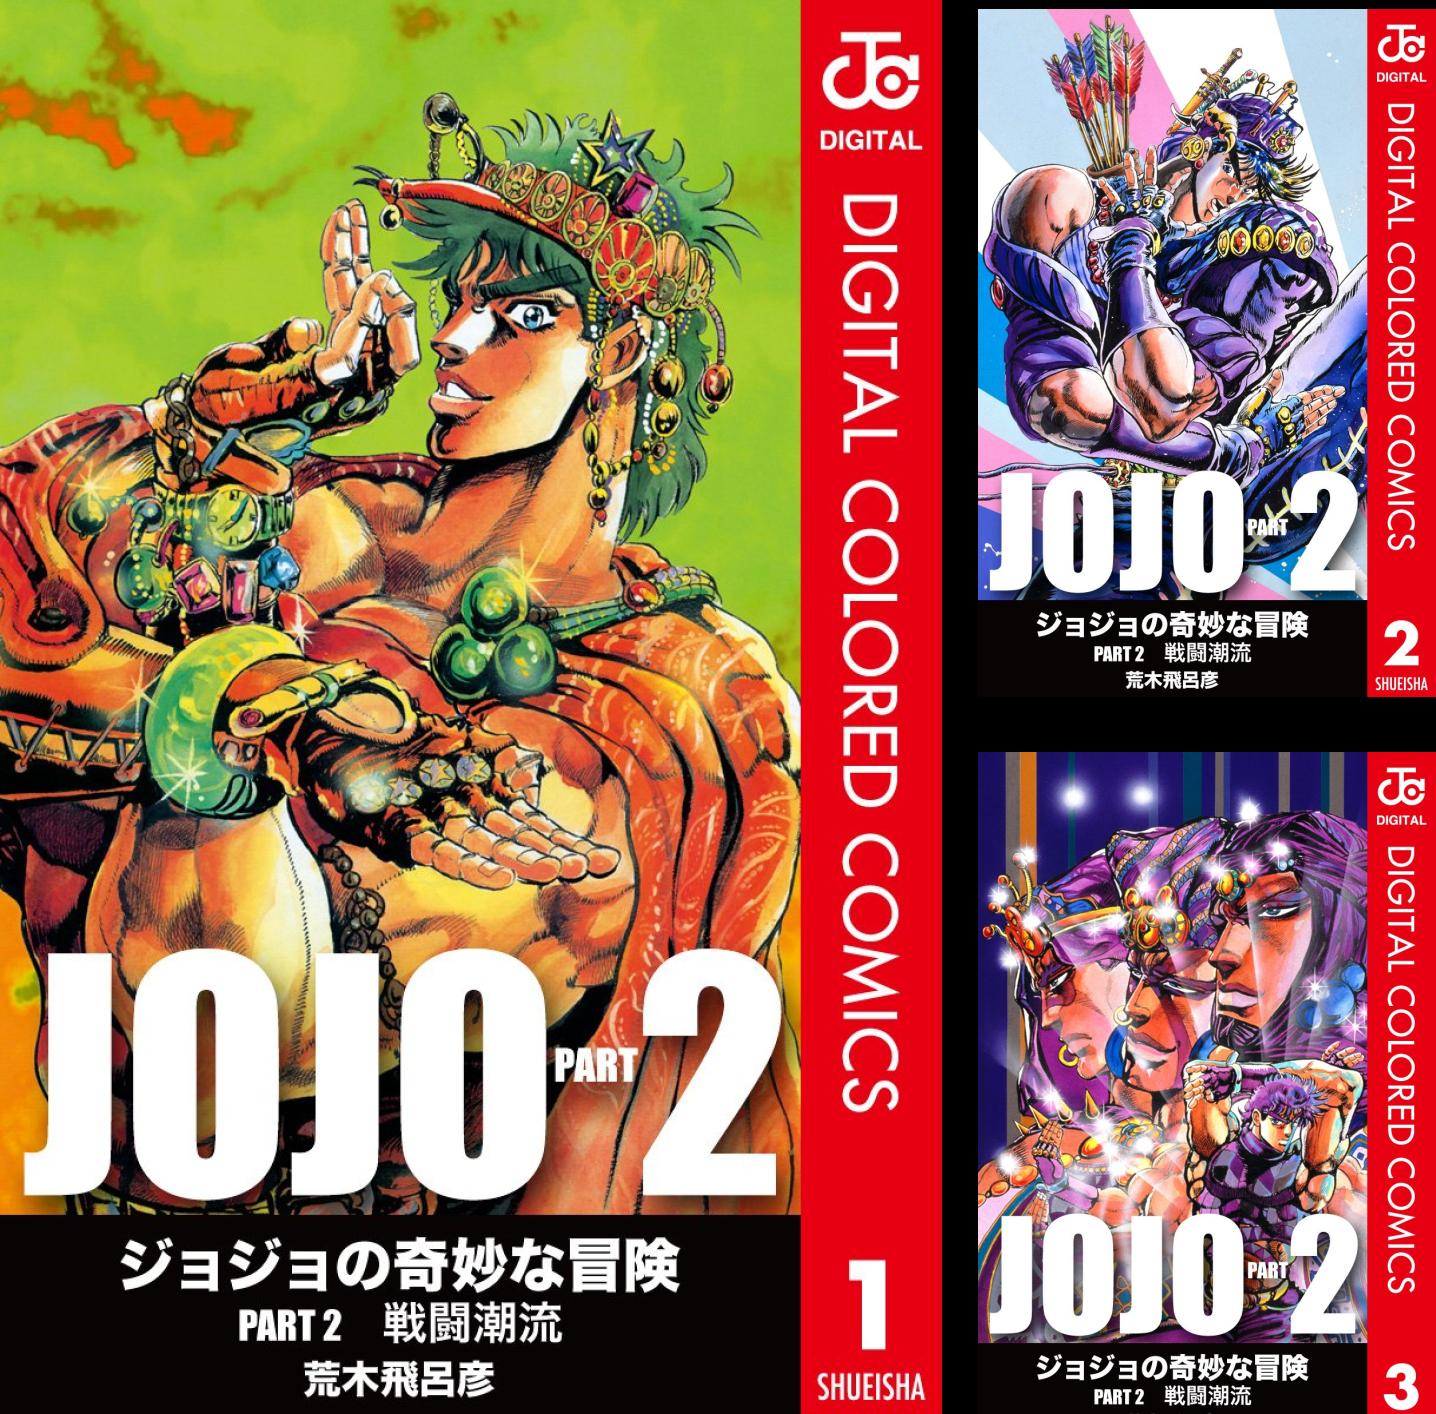 [まとめ買い] ジョジョの奇妙な冒険 第2部 カラー版(ジャンプコミックスDIGITAL)